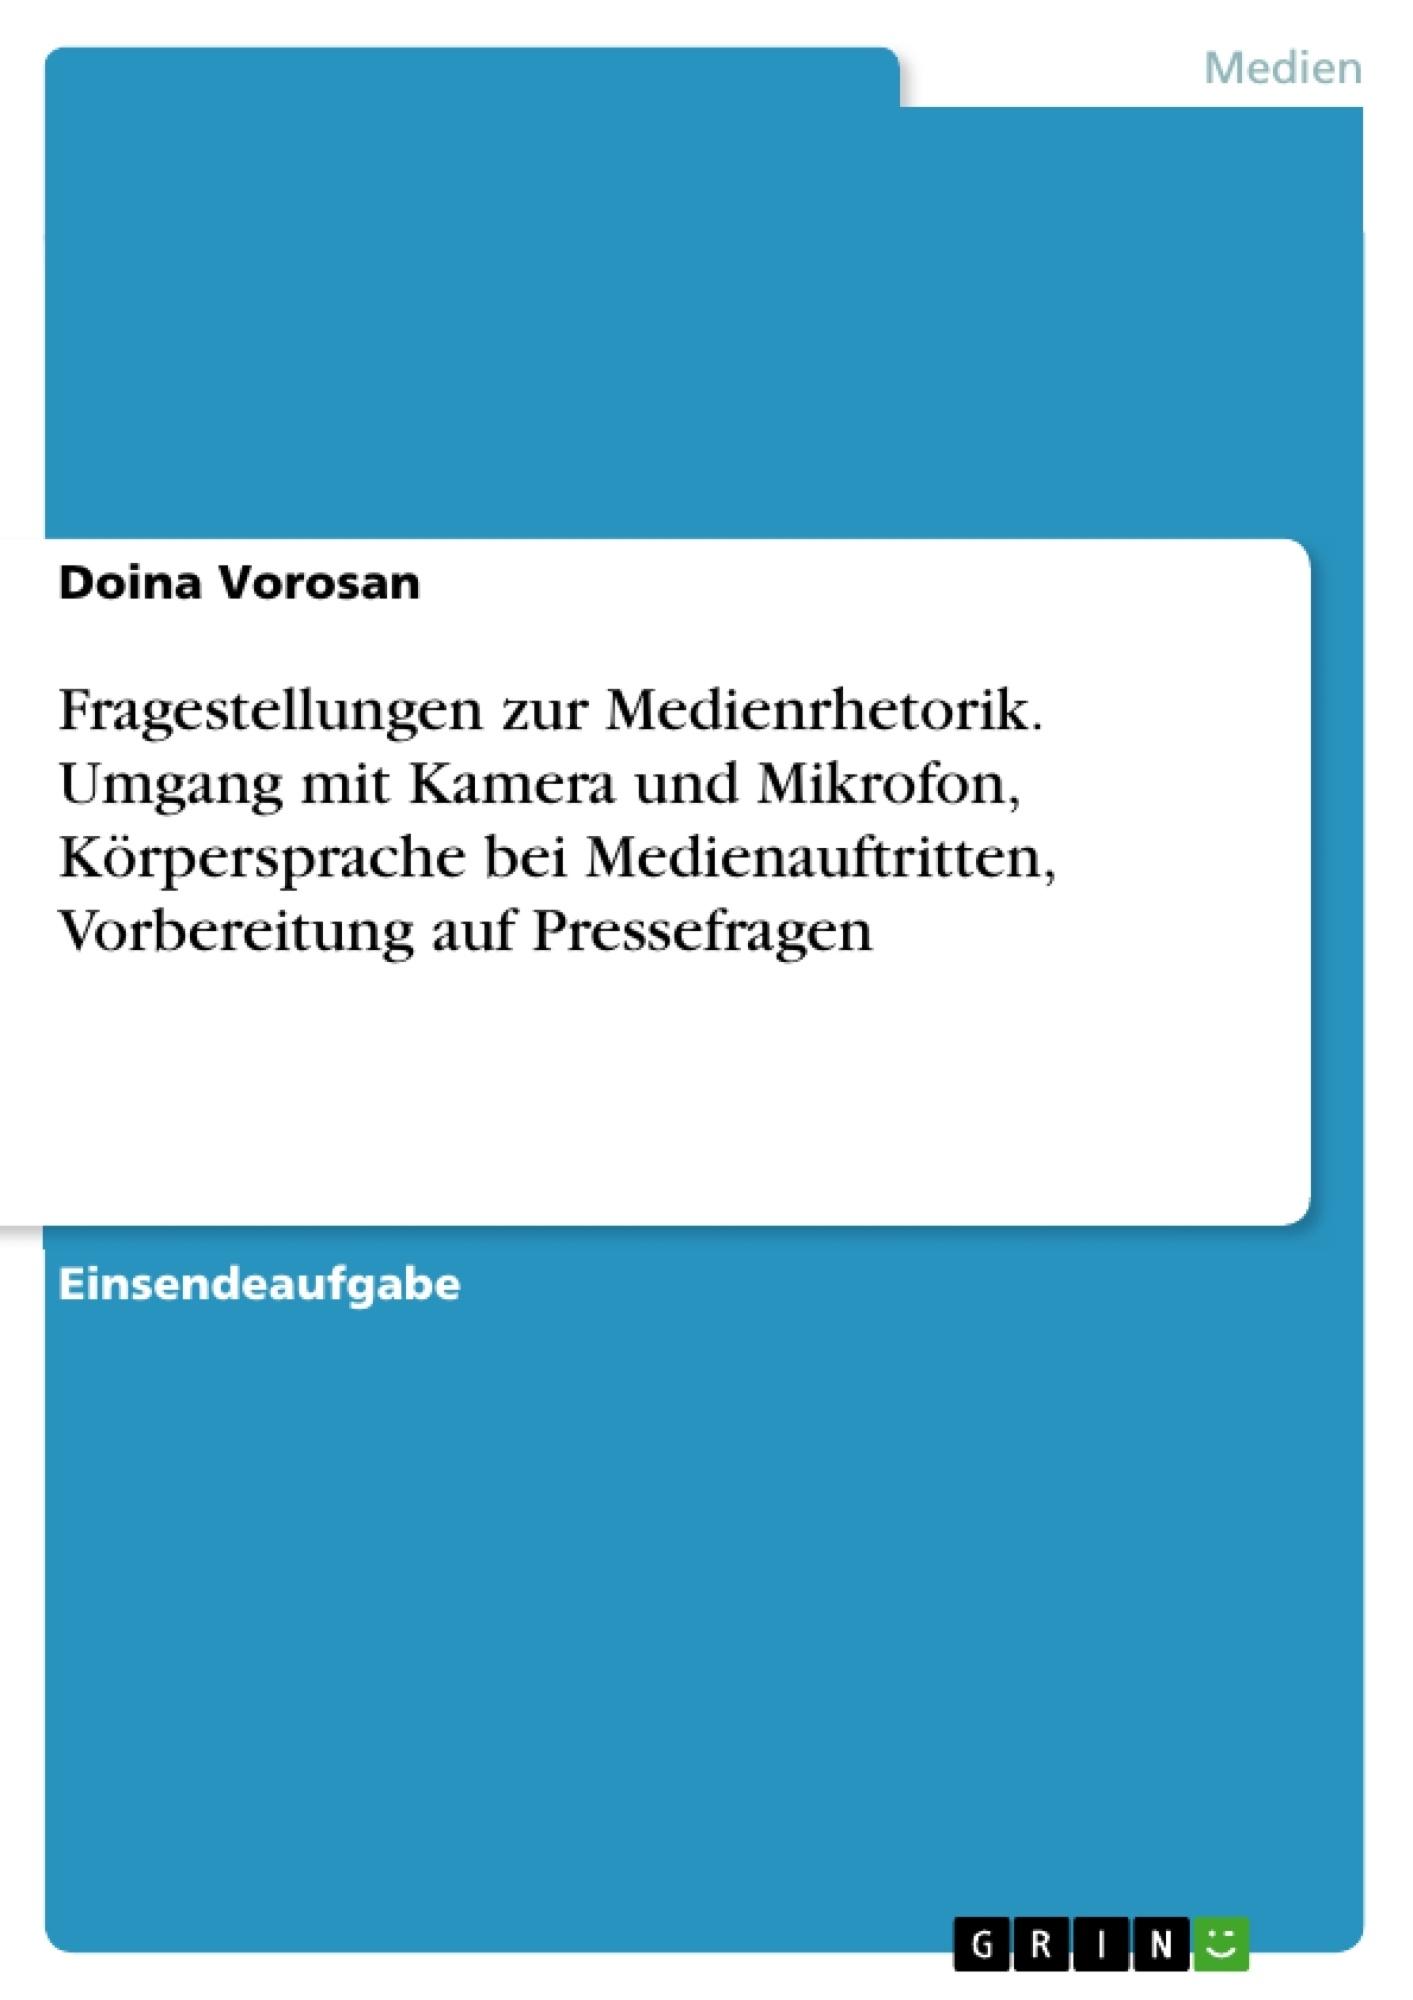 Titel: Fragestellungen zur Medienrhetorik. Umgang mit Kamera und Mikrofon, Körpersprache bei Medienauftritten, Vorbereitung auf Pressefragen